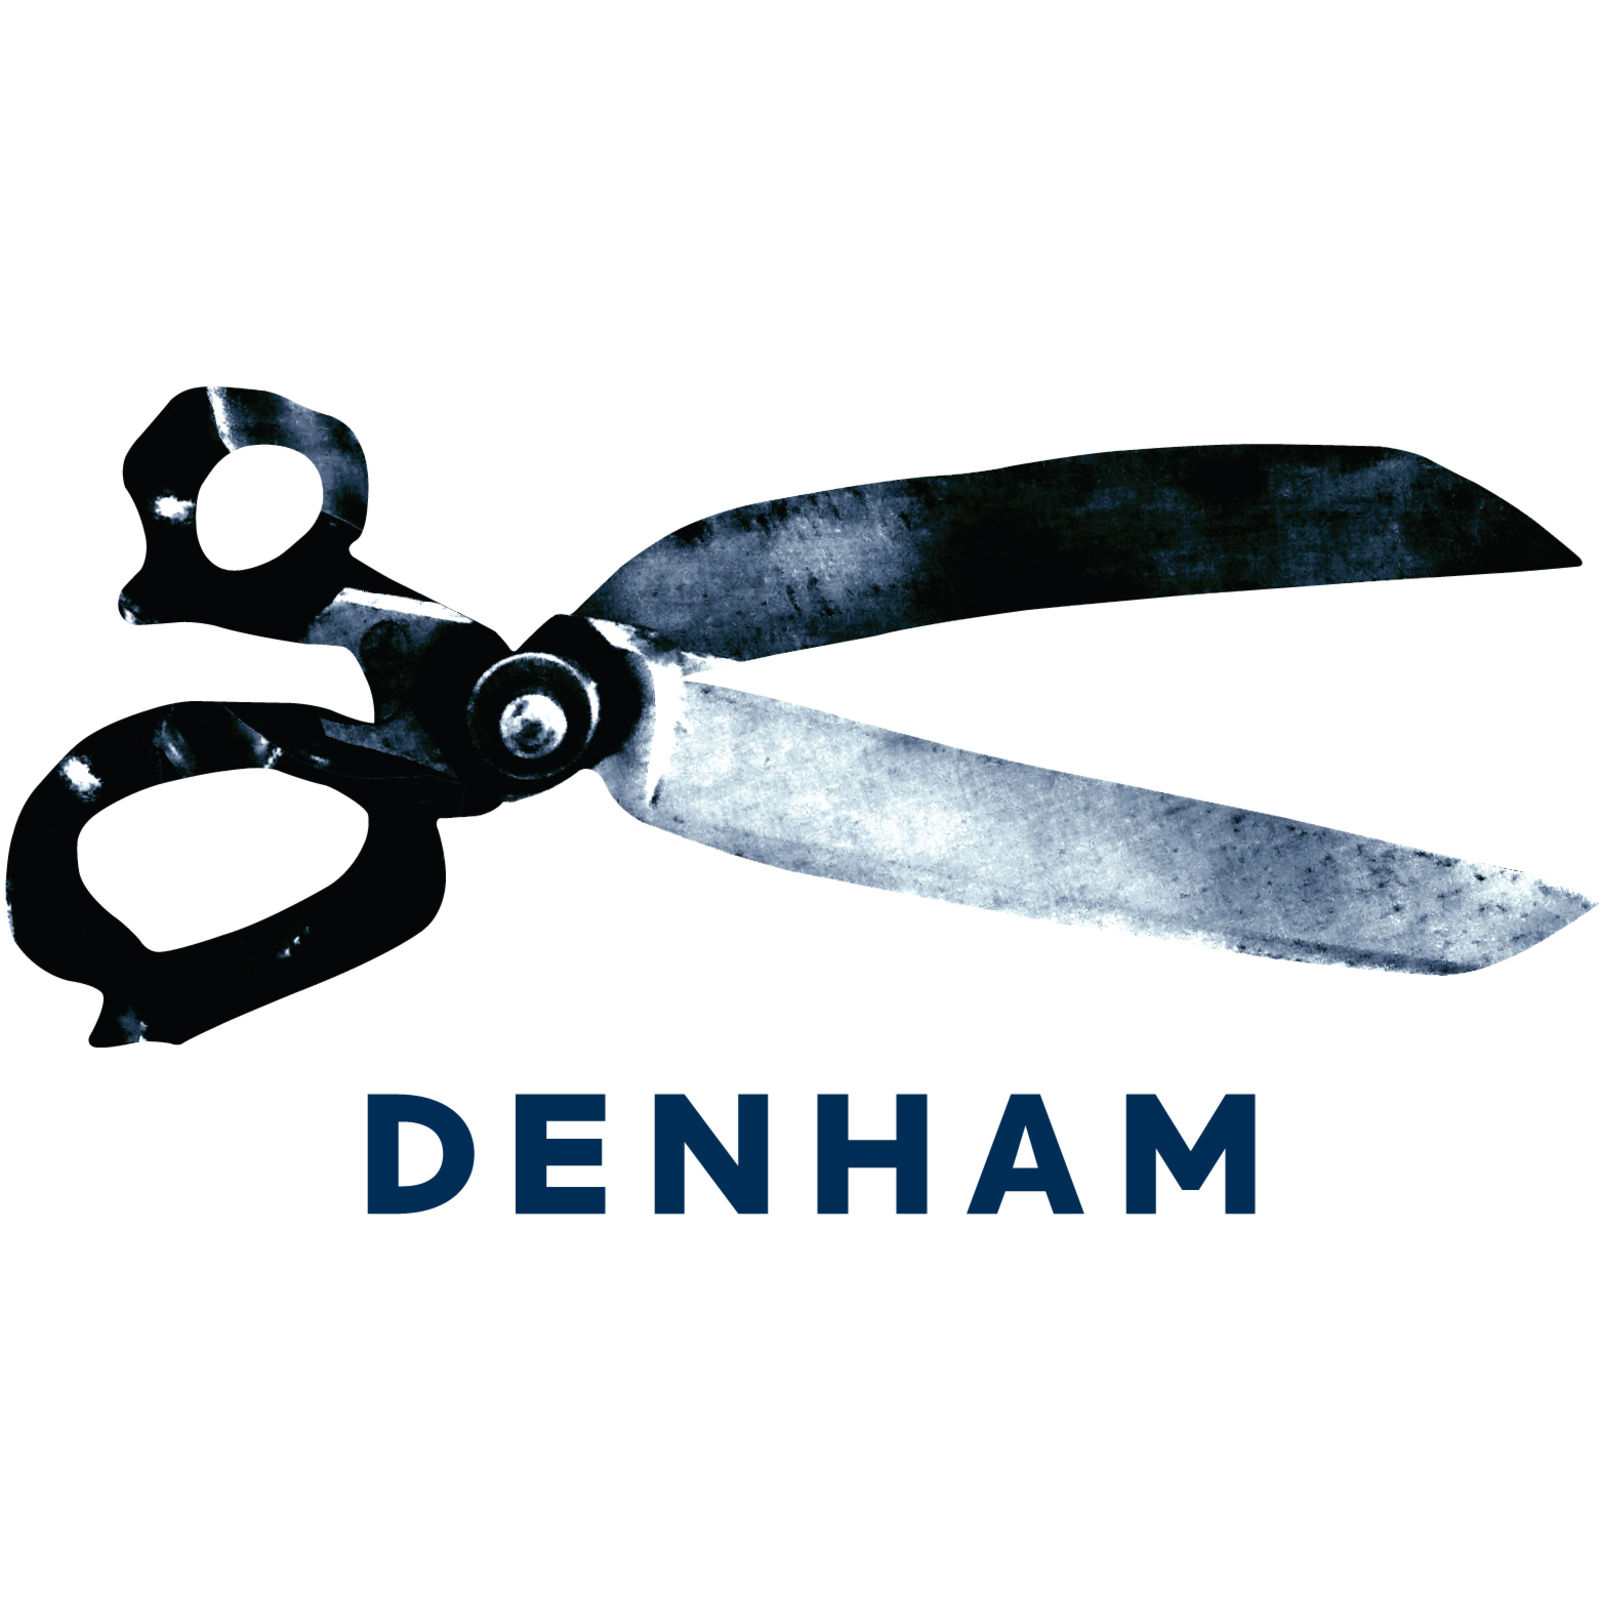 DENHAM (Bild 1)